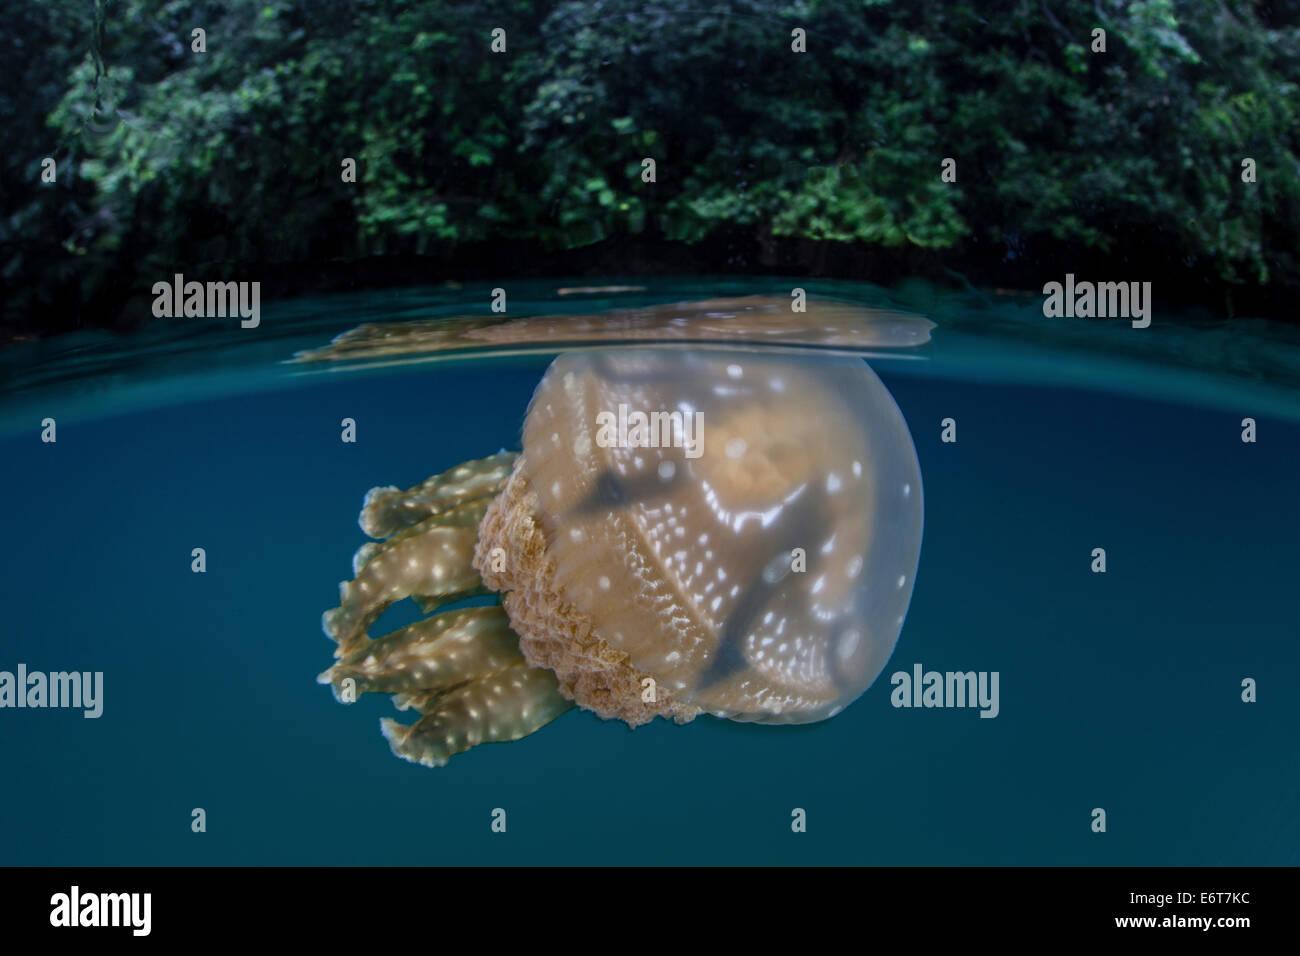 Mastigias Jellyfish in Jellyfish Lake, Mastigias papua etpisonii, Micronesia, Palau Stock Photo